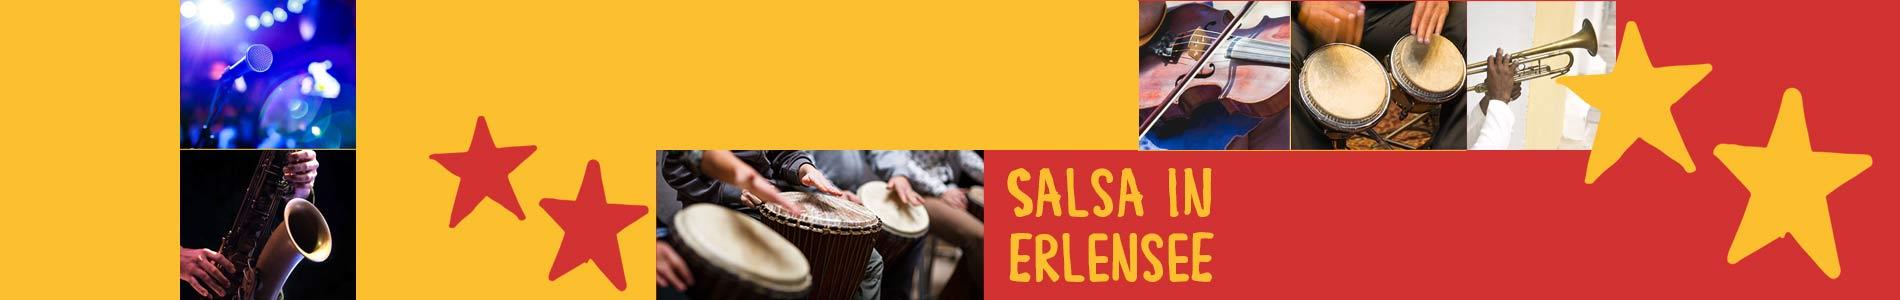 Salsa in Erlensee – Salsa lernen und tanzen, Tanzkurse, Partys, Veranstaltungen